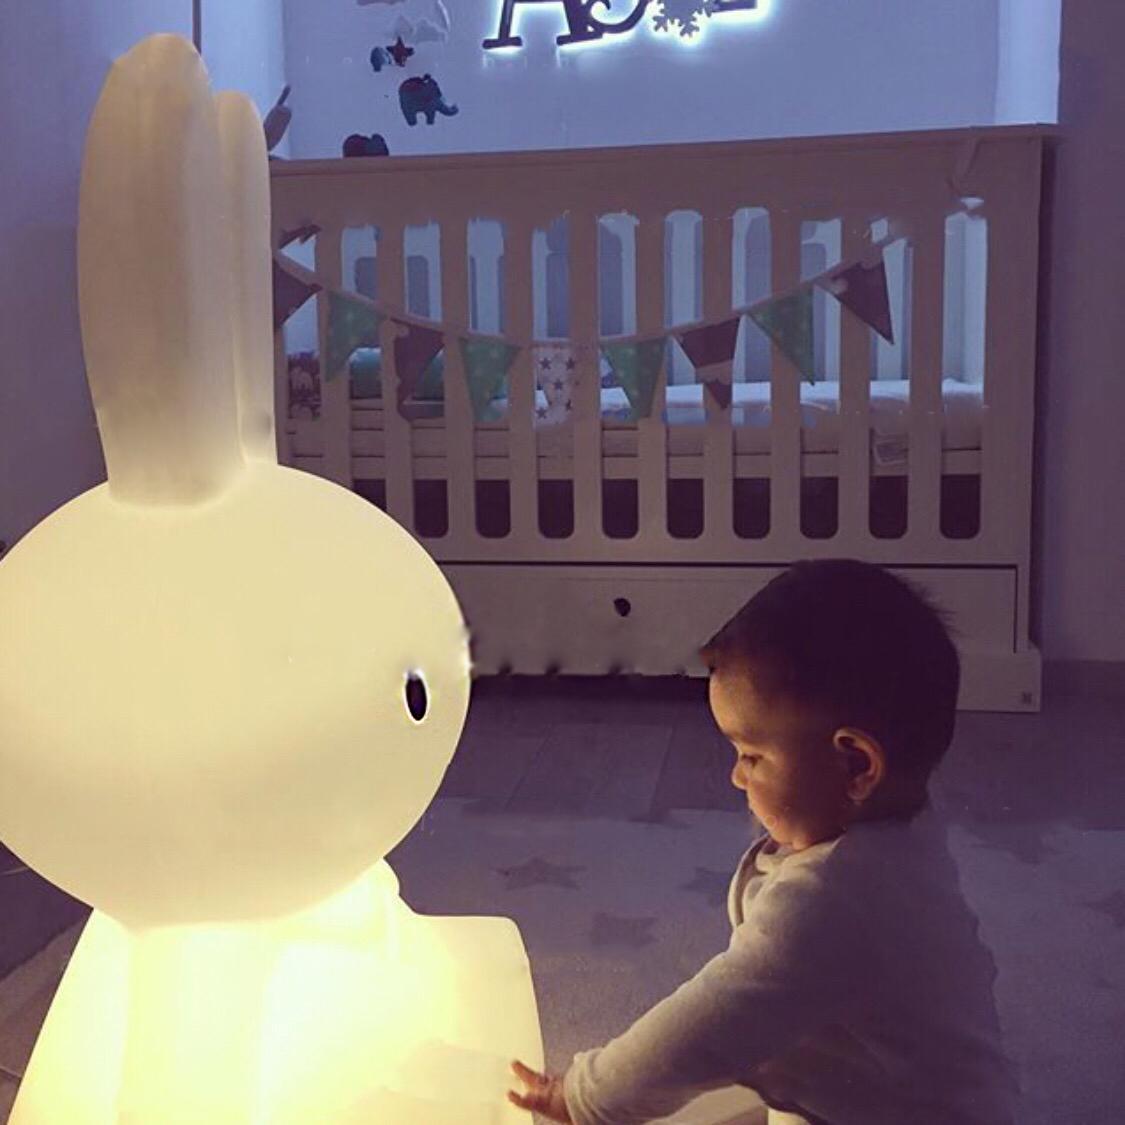 ins兔子灯大号LED儿童房夜灯装饰可爱卡通灯卧室台灯床头灯落地灯-Maybelove